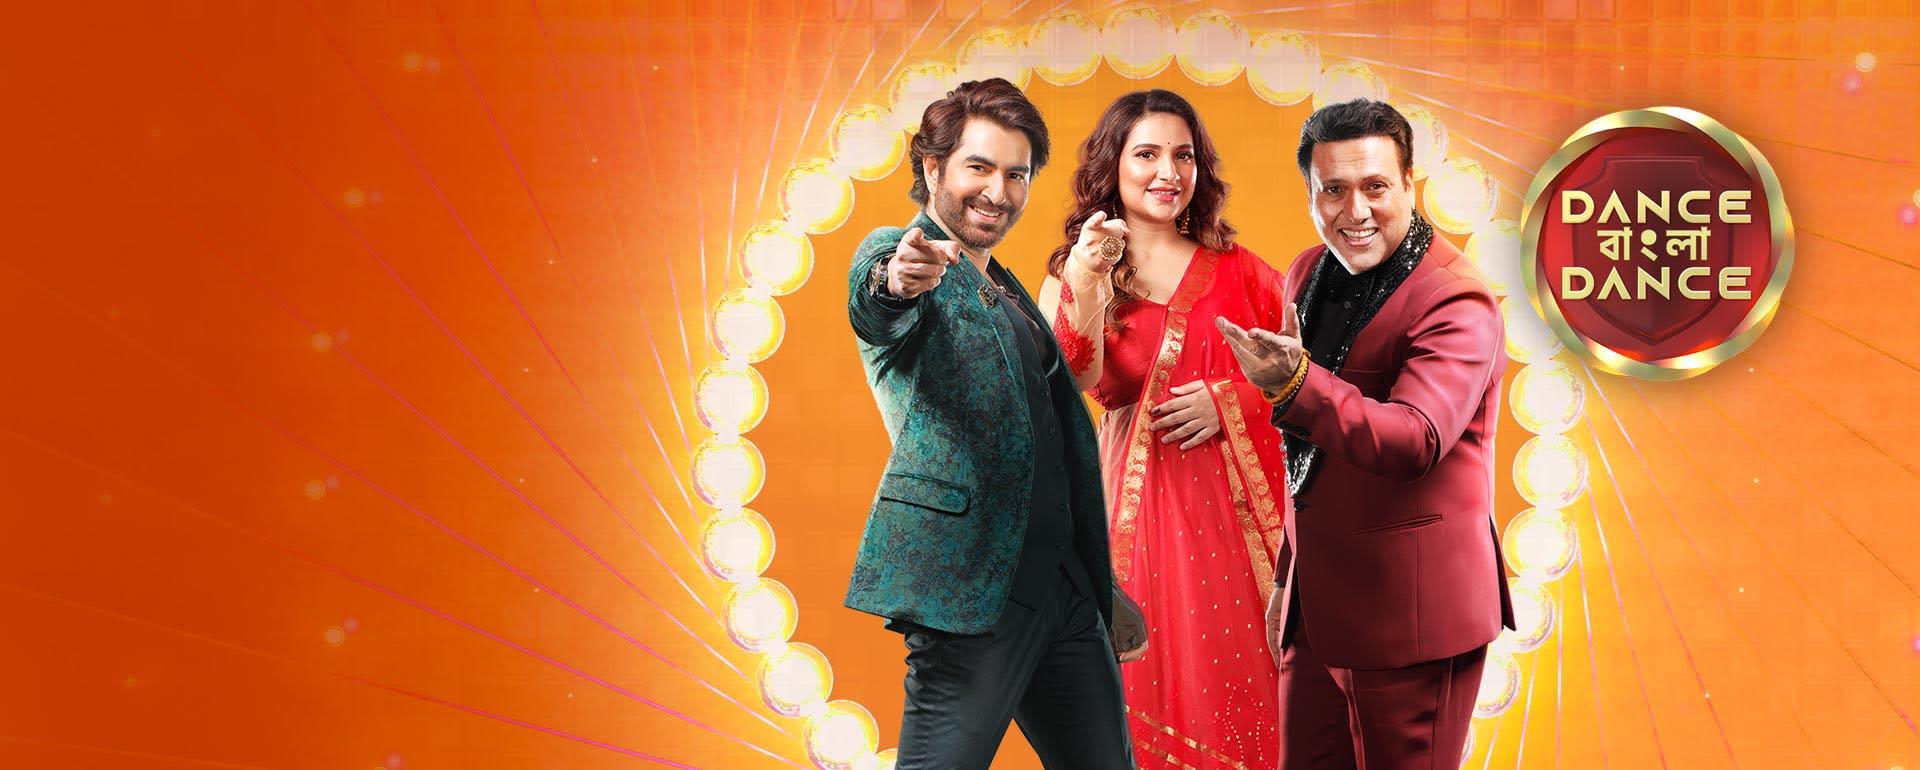 Dance Bangla Dance - Season 11